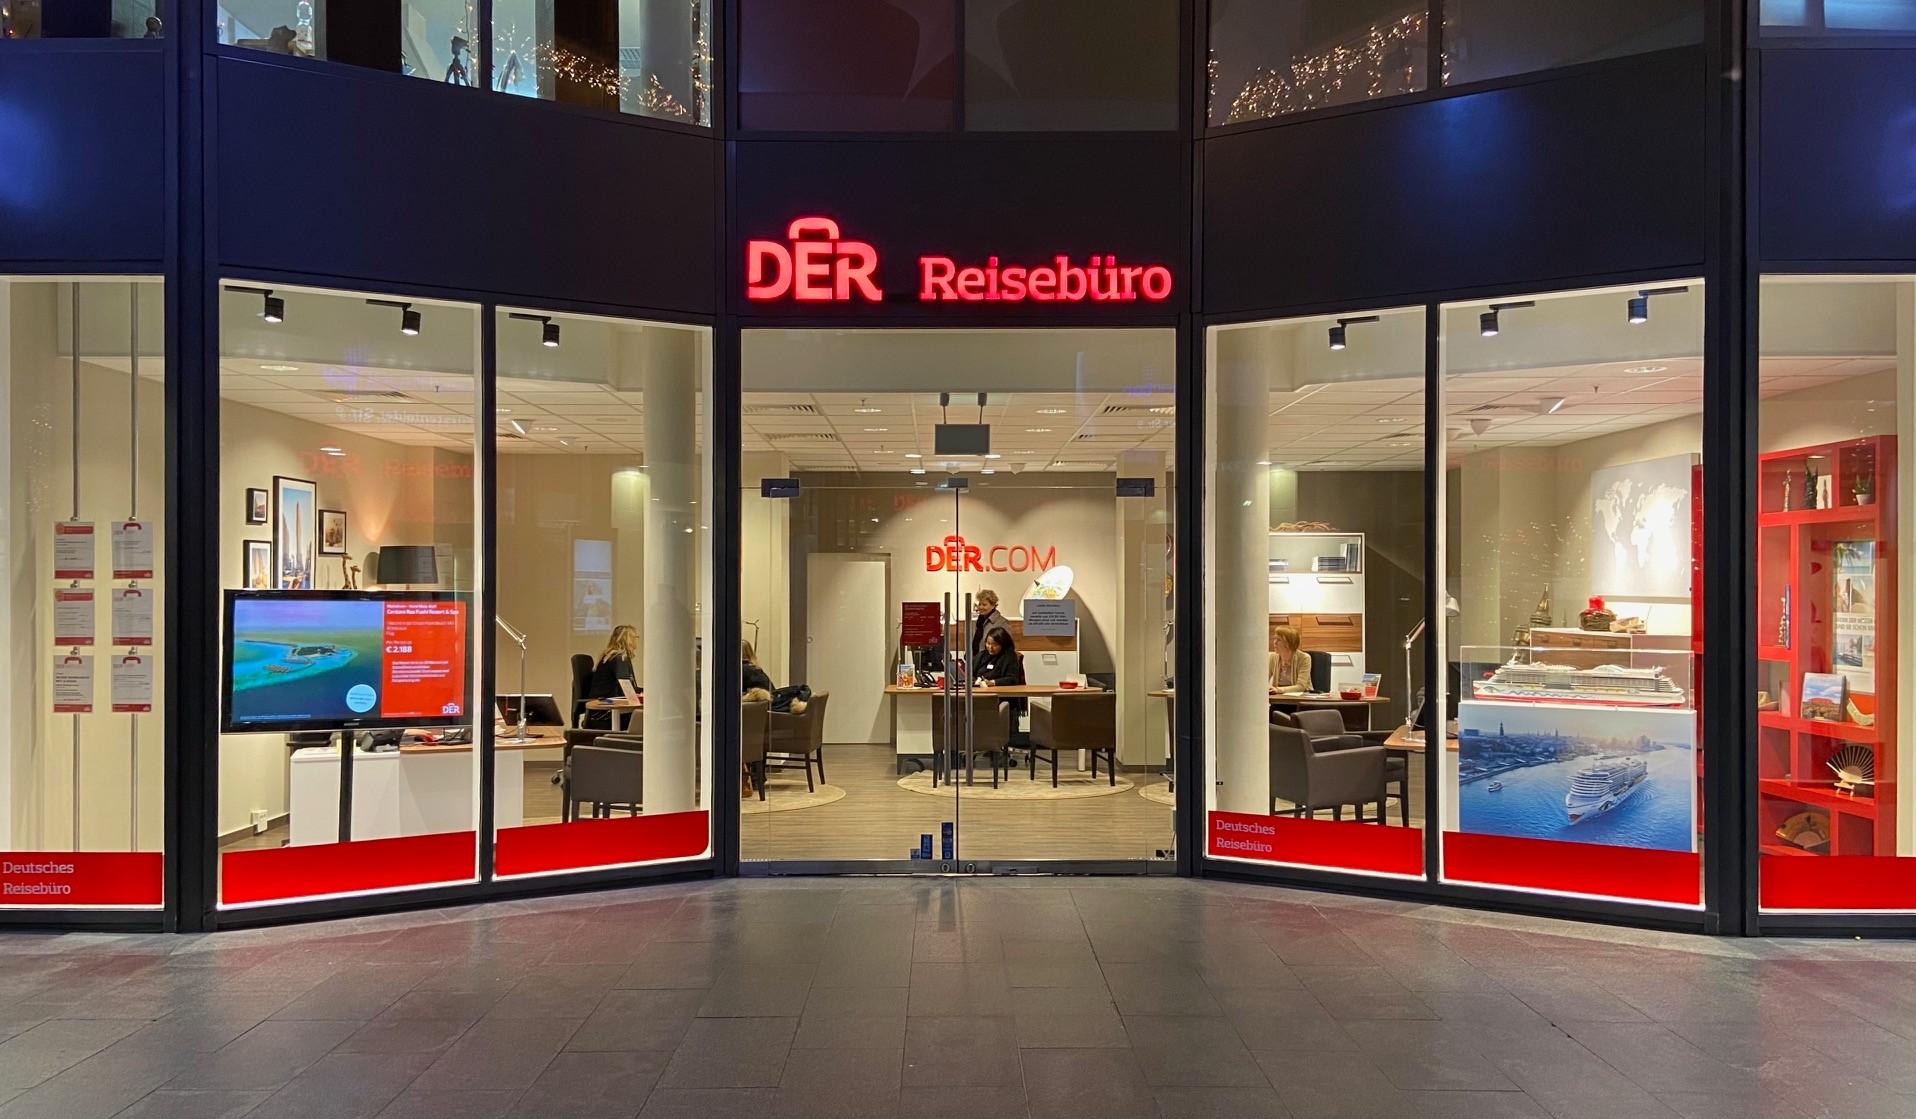 DER Deutsches Reisebüro, Kaufingerstraße 9 in München